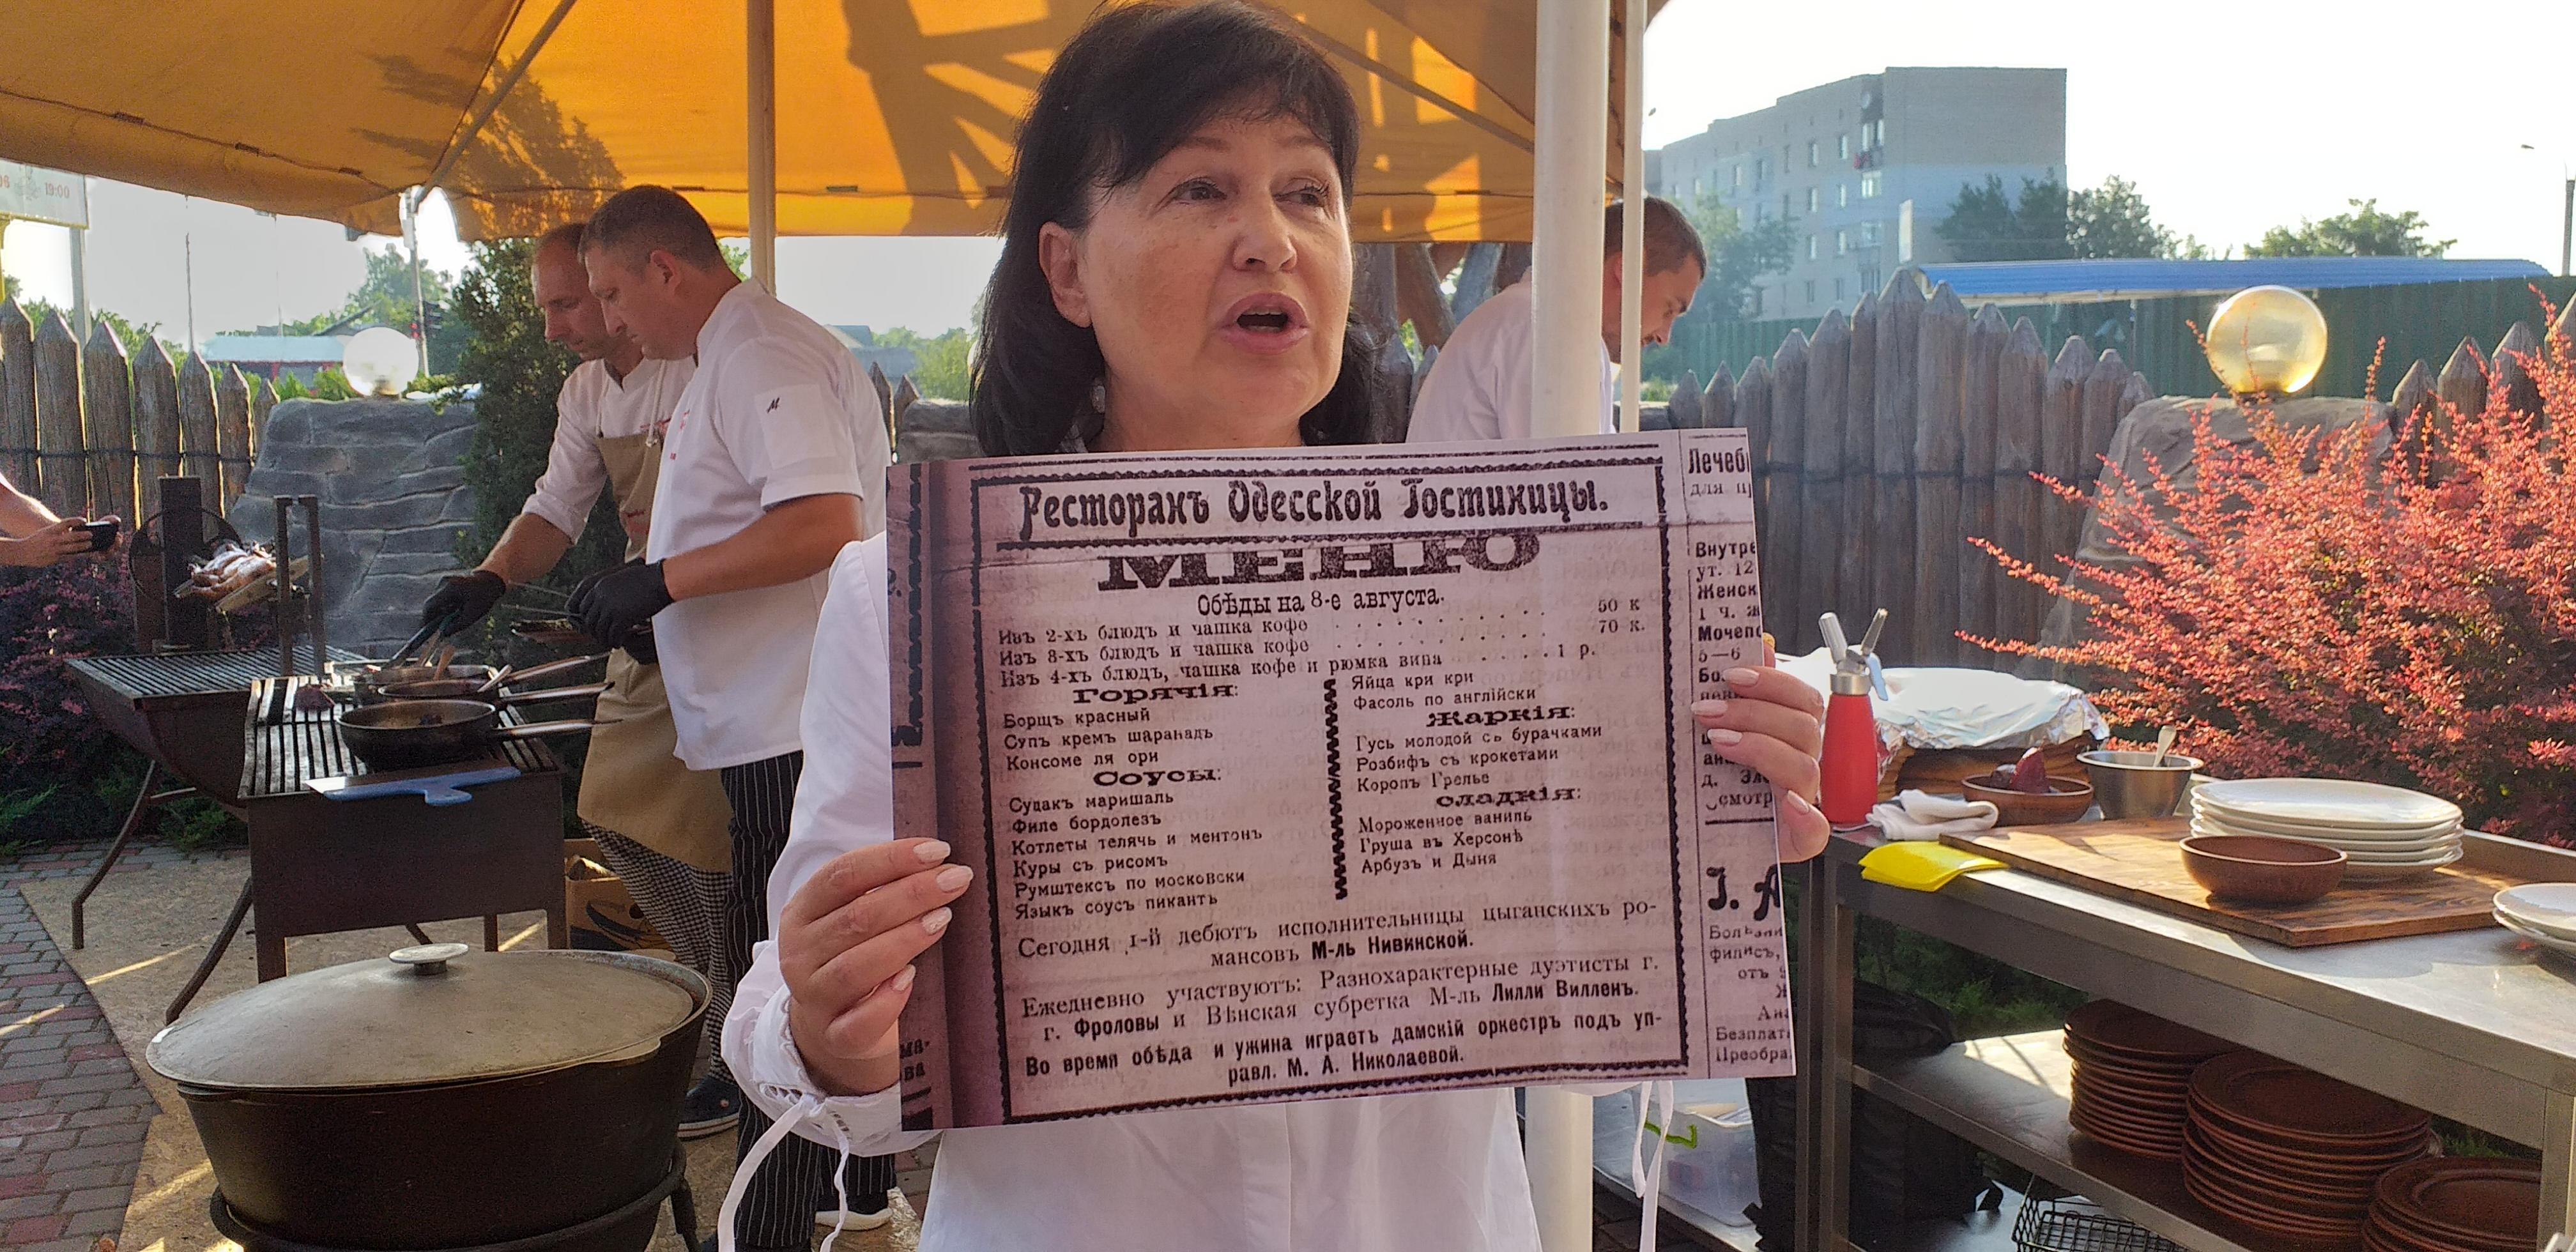 Краевед Марина Тарасова показывает меню в газетах прошлого века